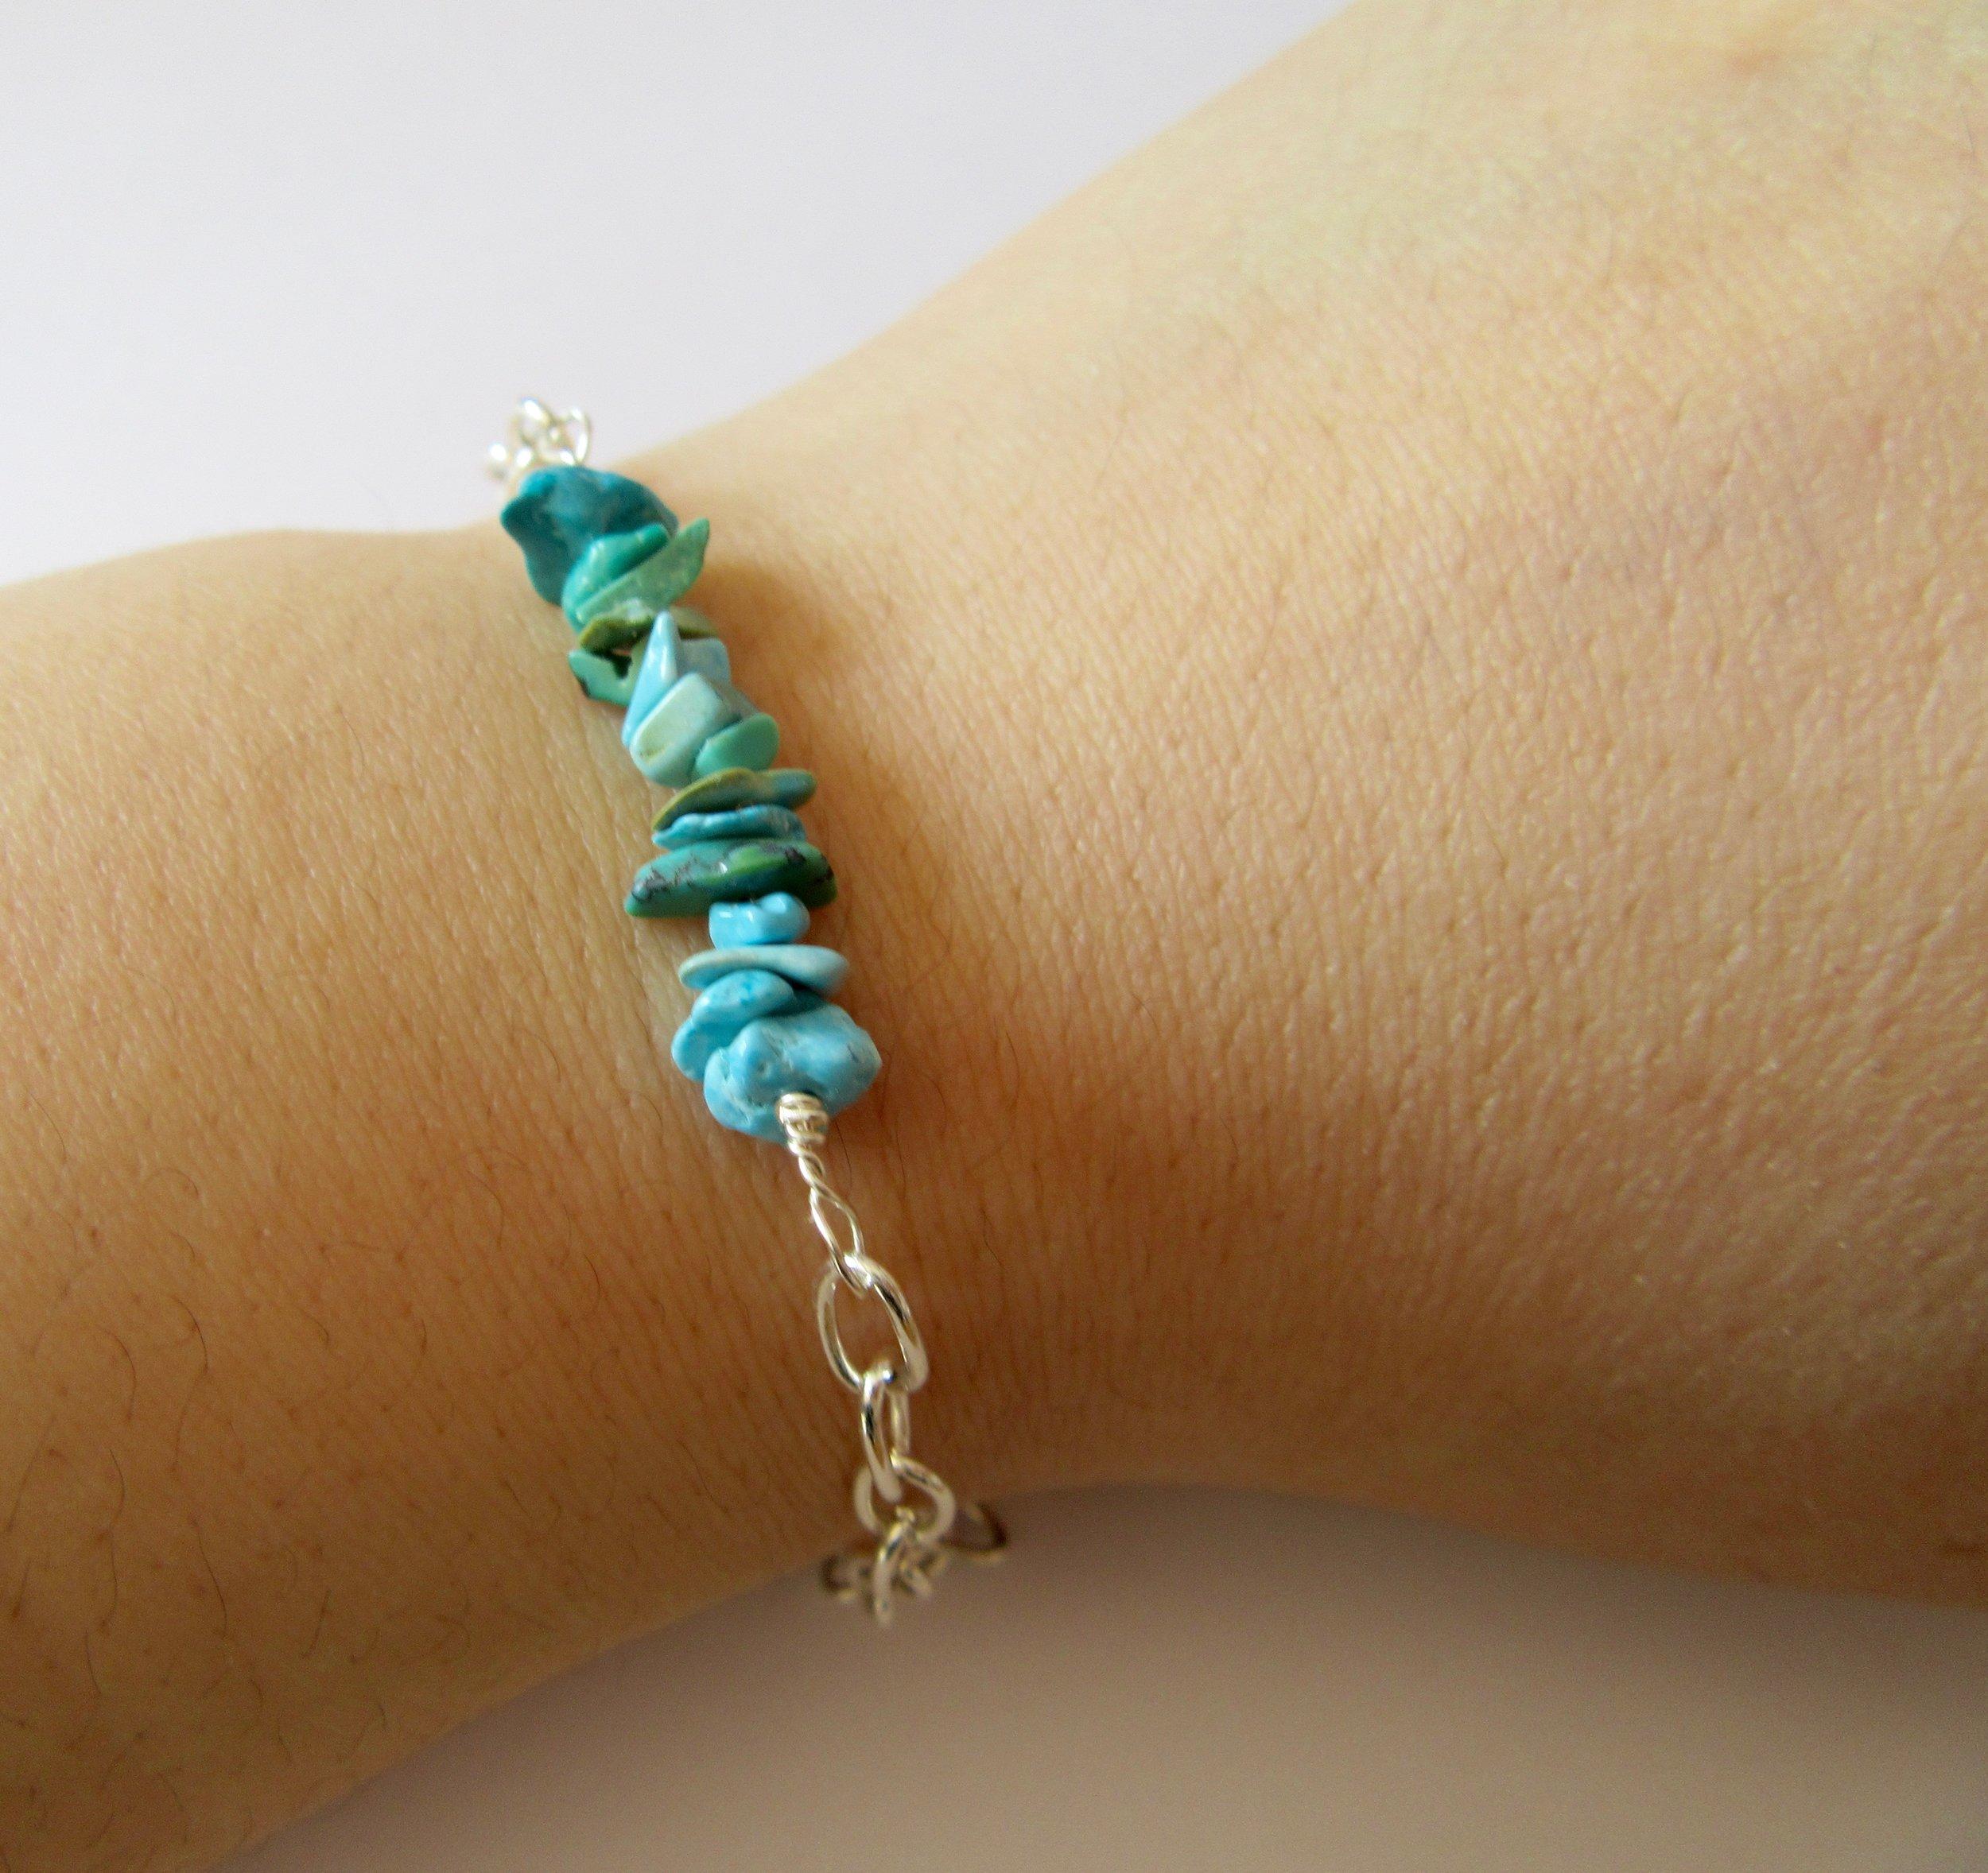 Turquoise_bracelet06.jpg